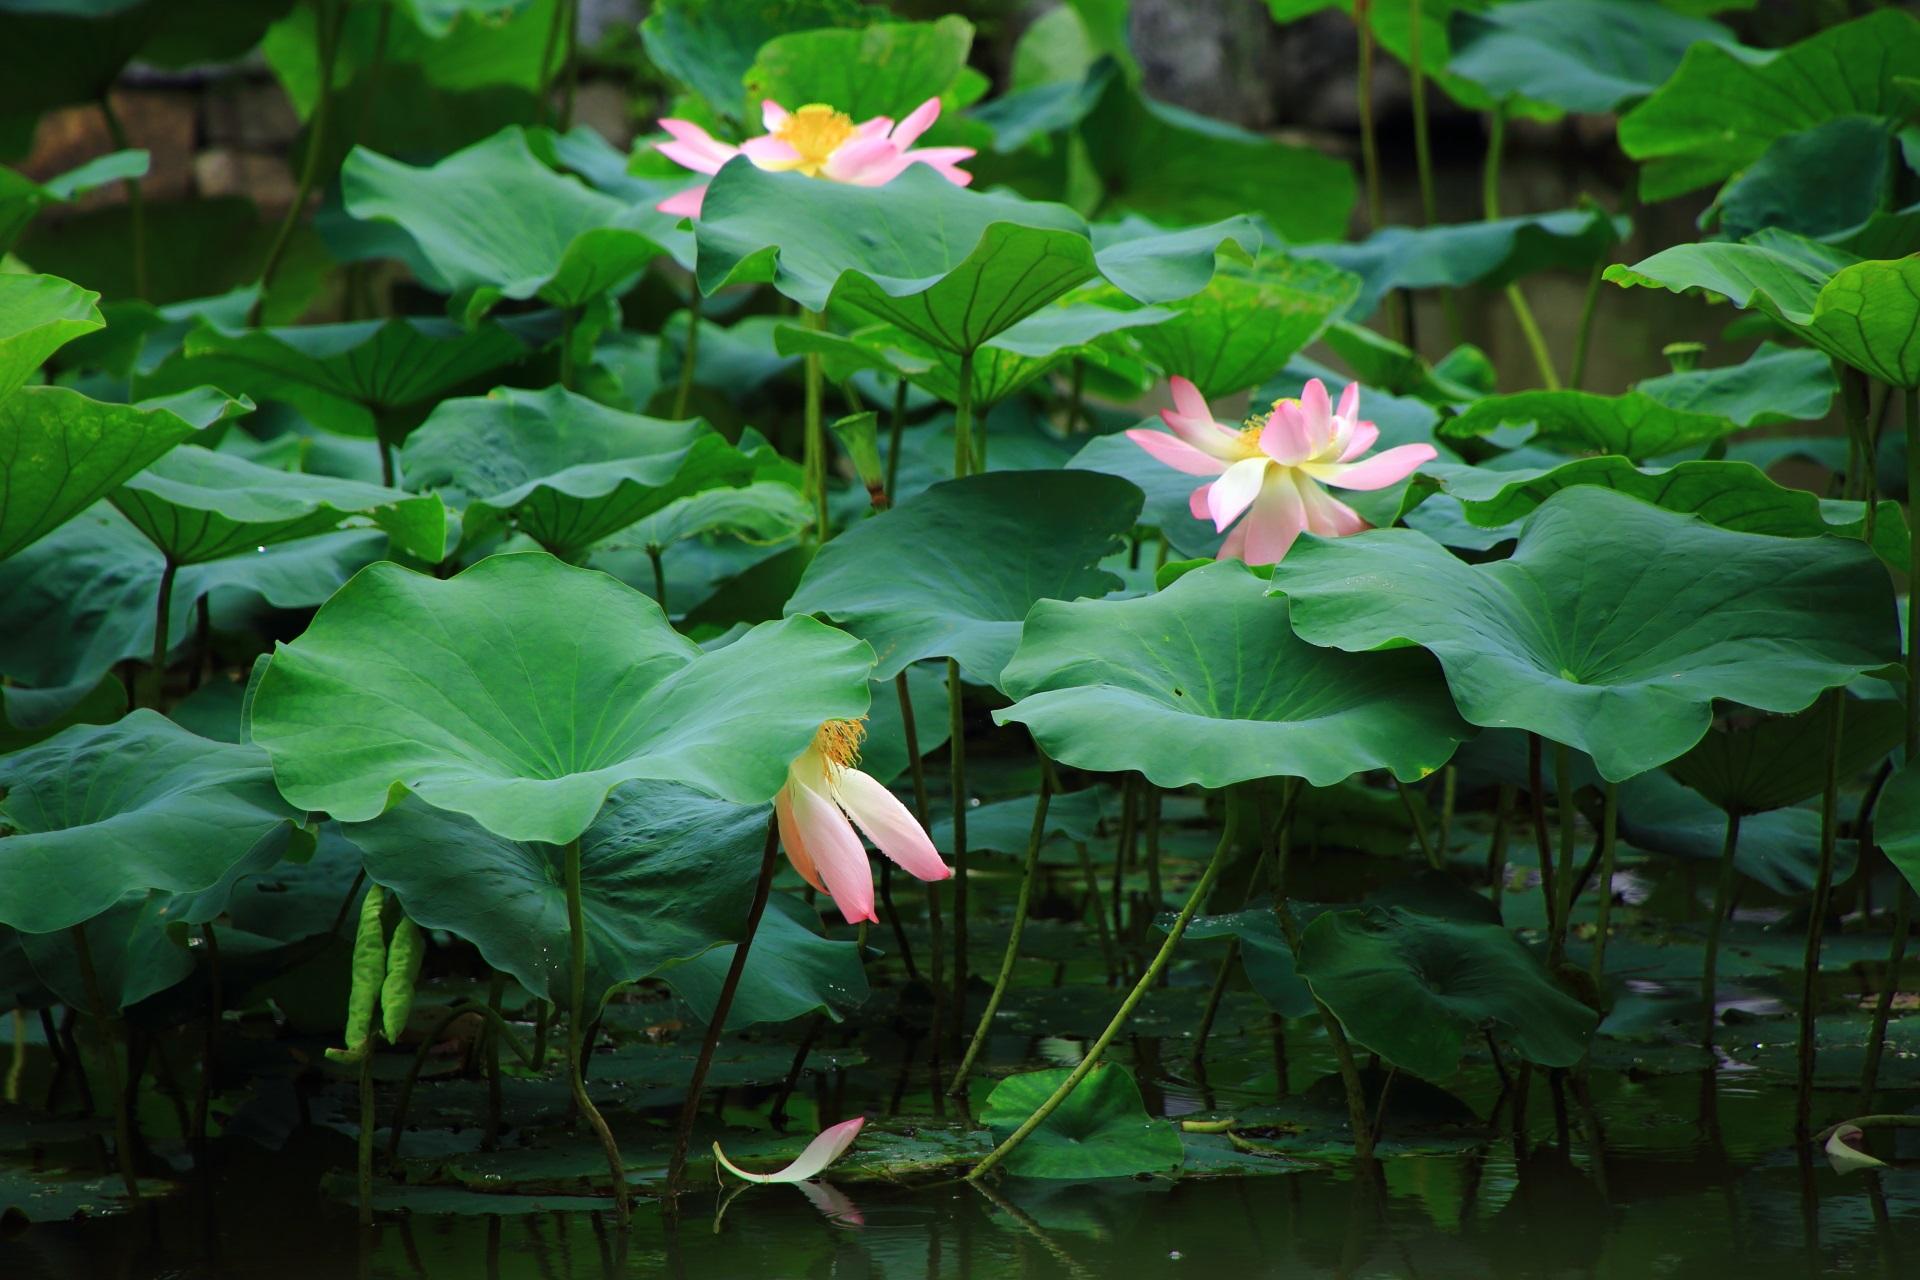 美しく風情もある建仁寺の散った蓮の花びら